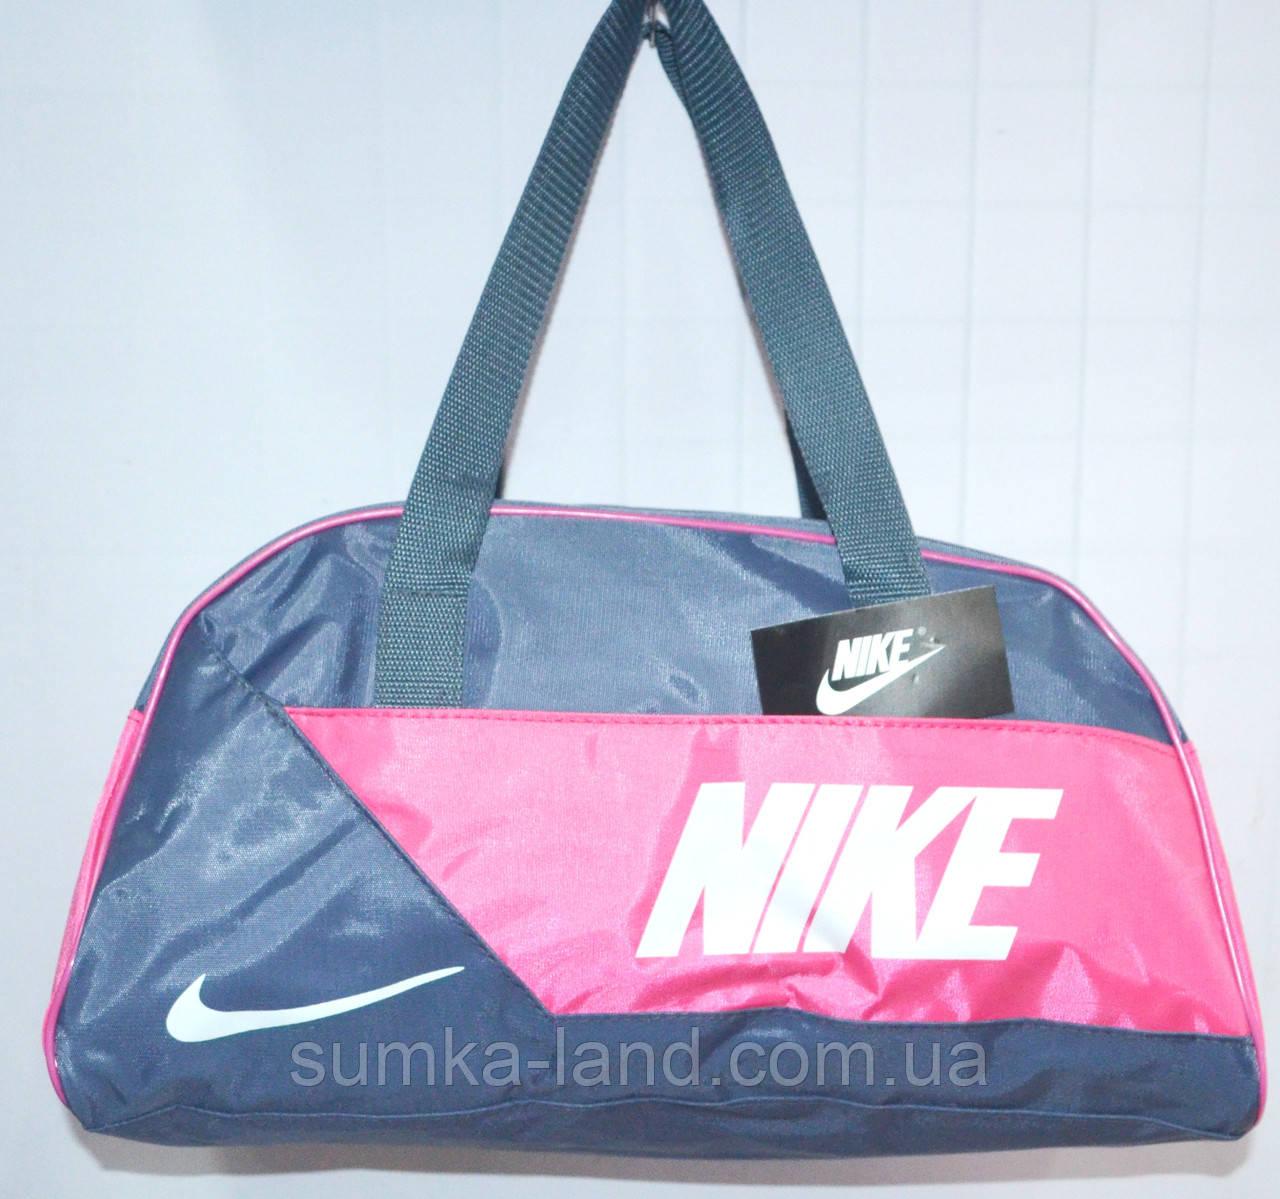 Универсальные спортивные сумки (СЕРЫЙ - с - РОЗОВЫМ)